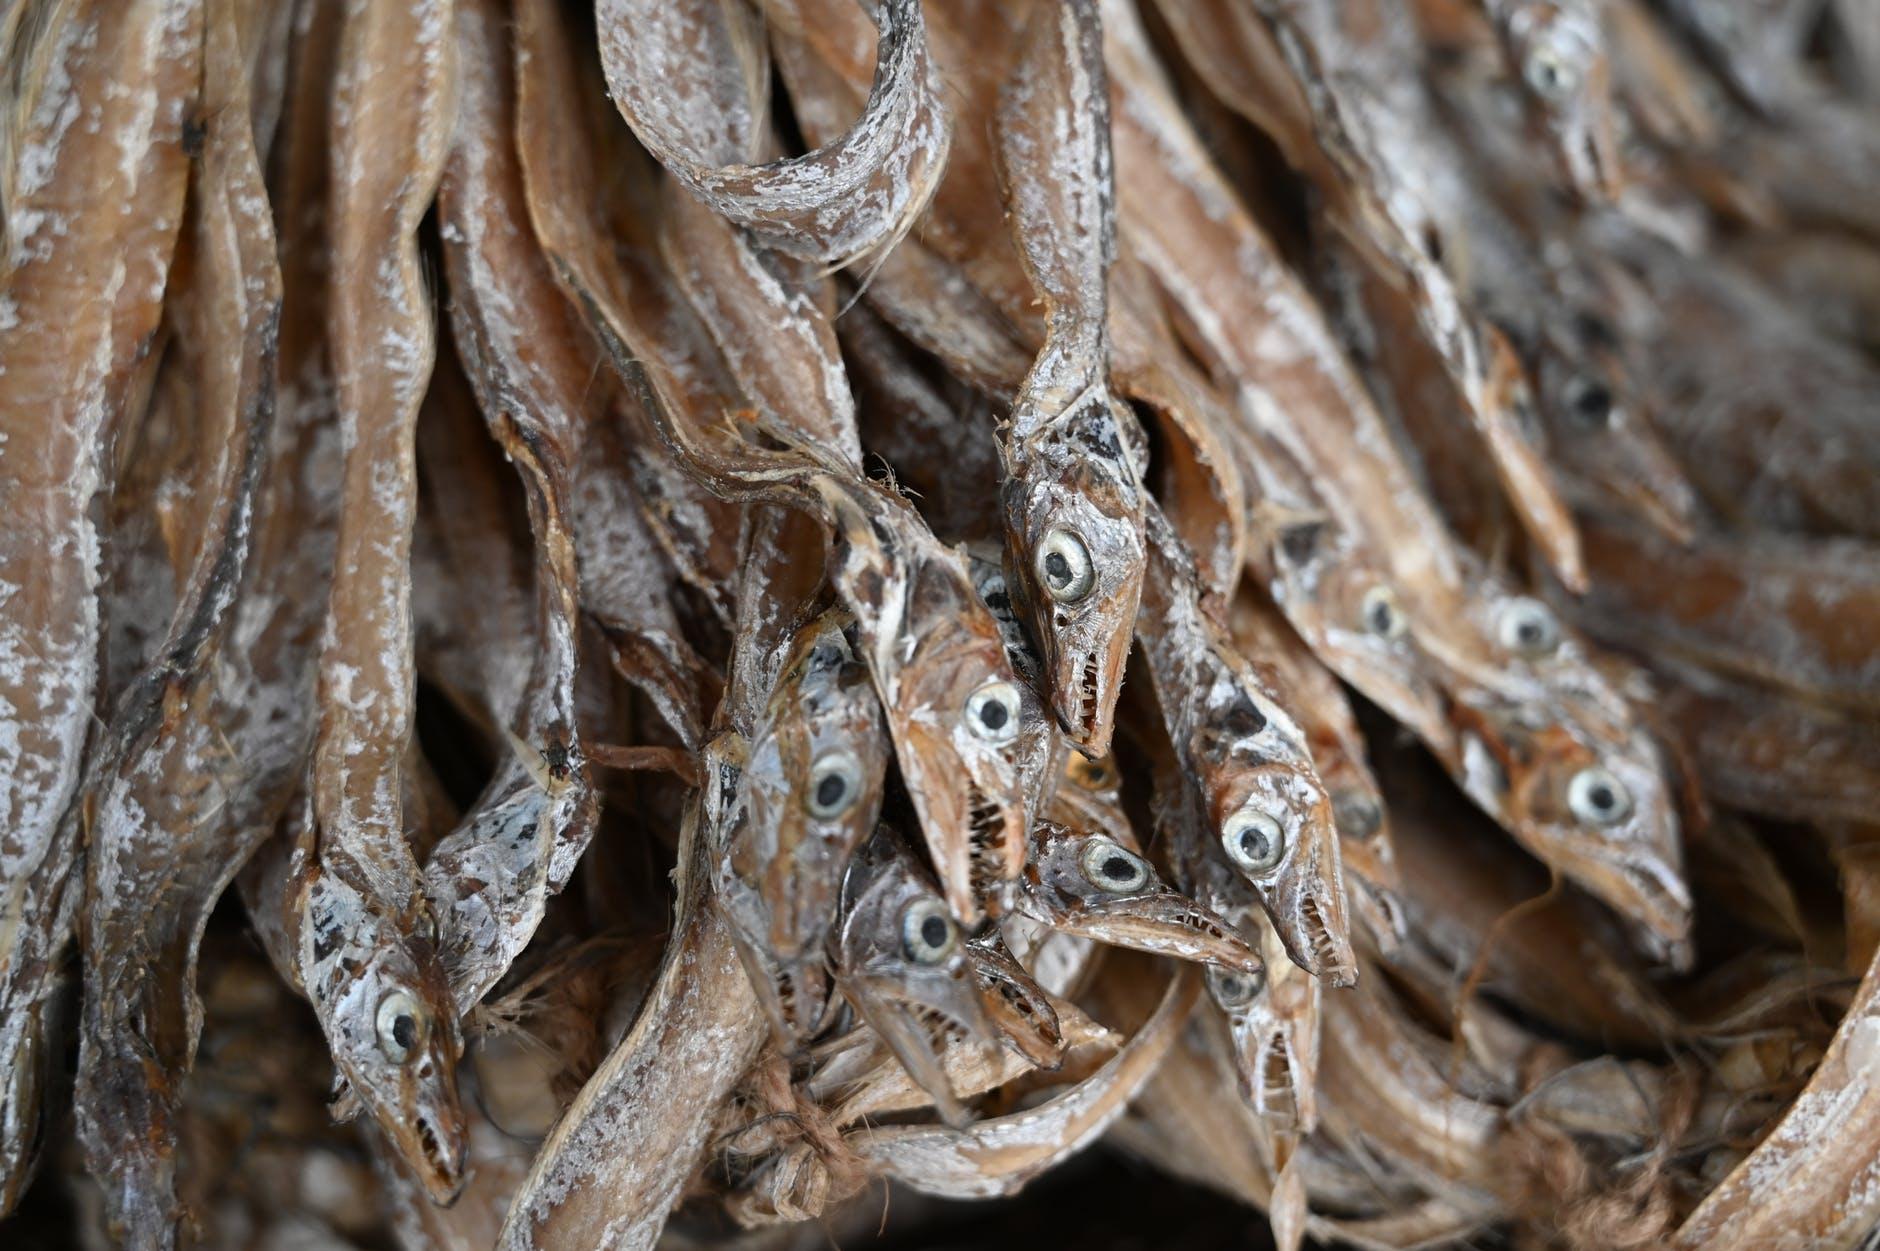 Dried whitebait